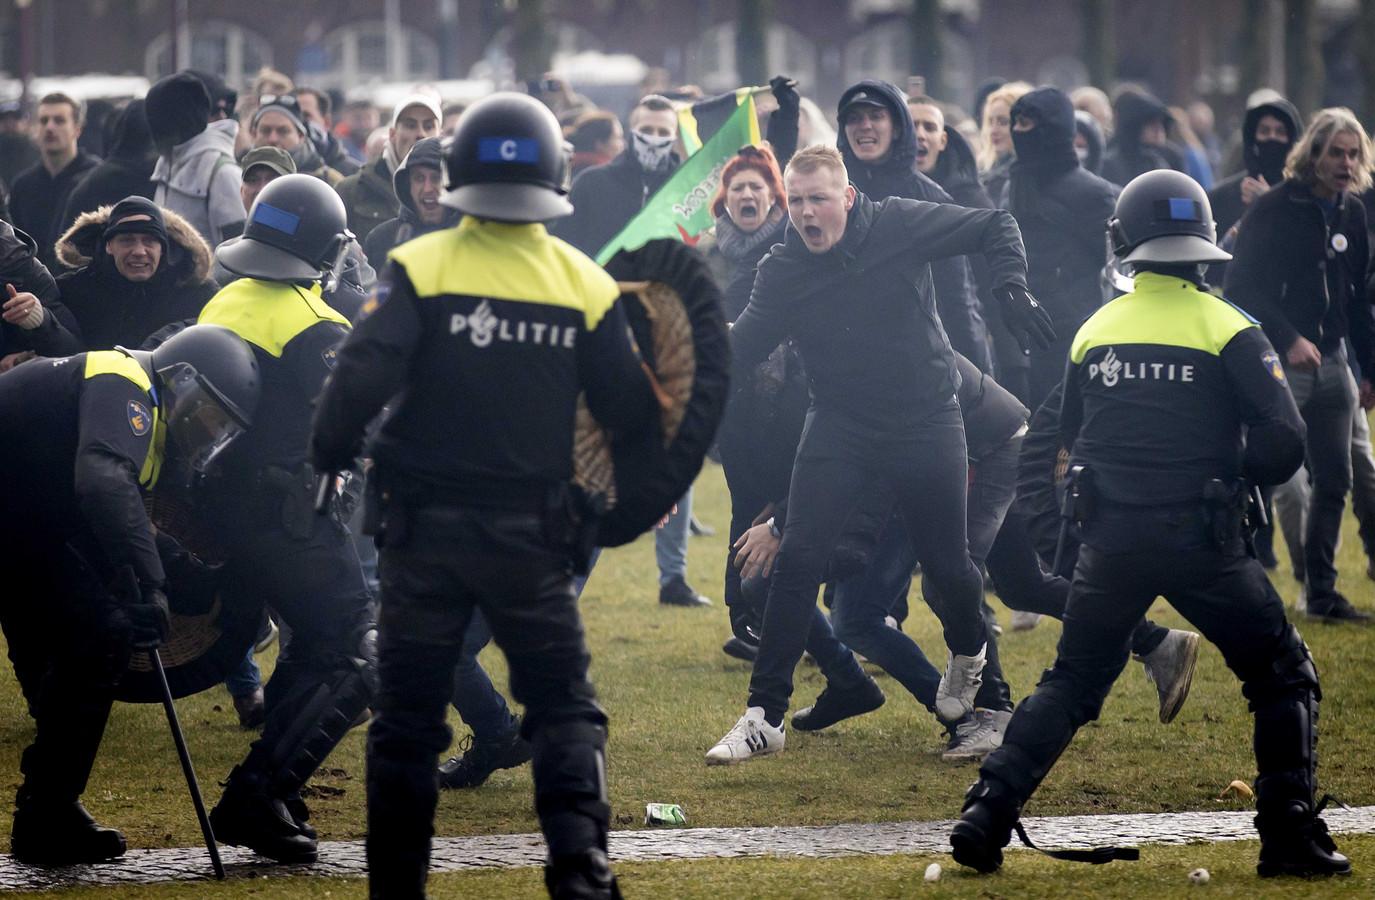 De betoging op het Museumplein in Amsterdam liep helemaal uit de hand.